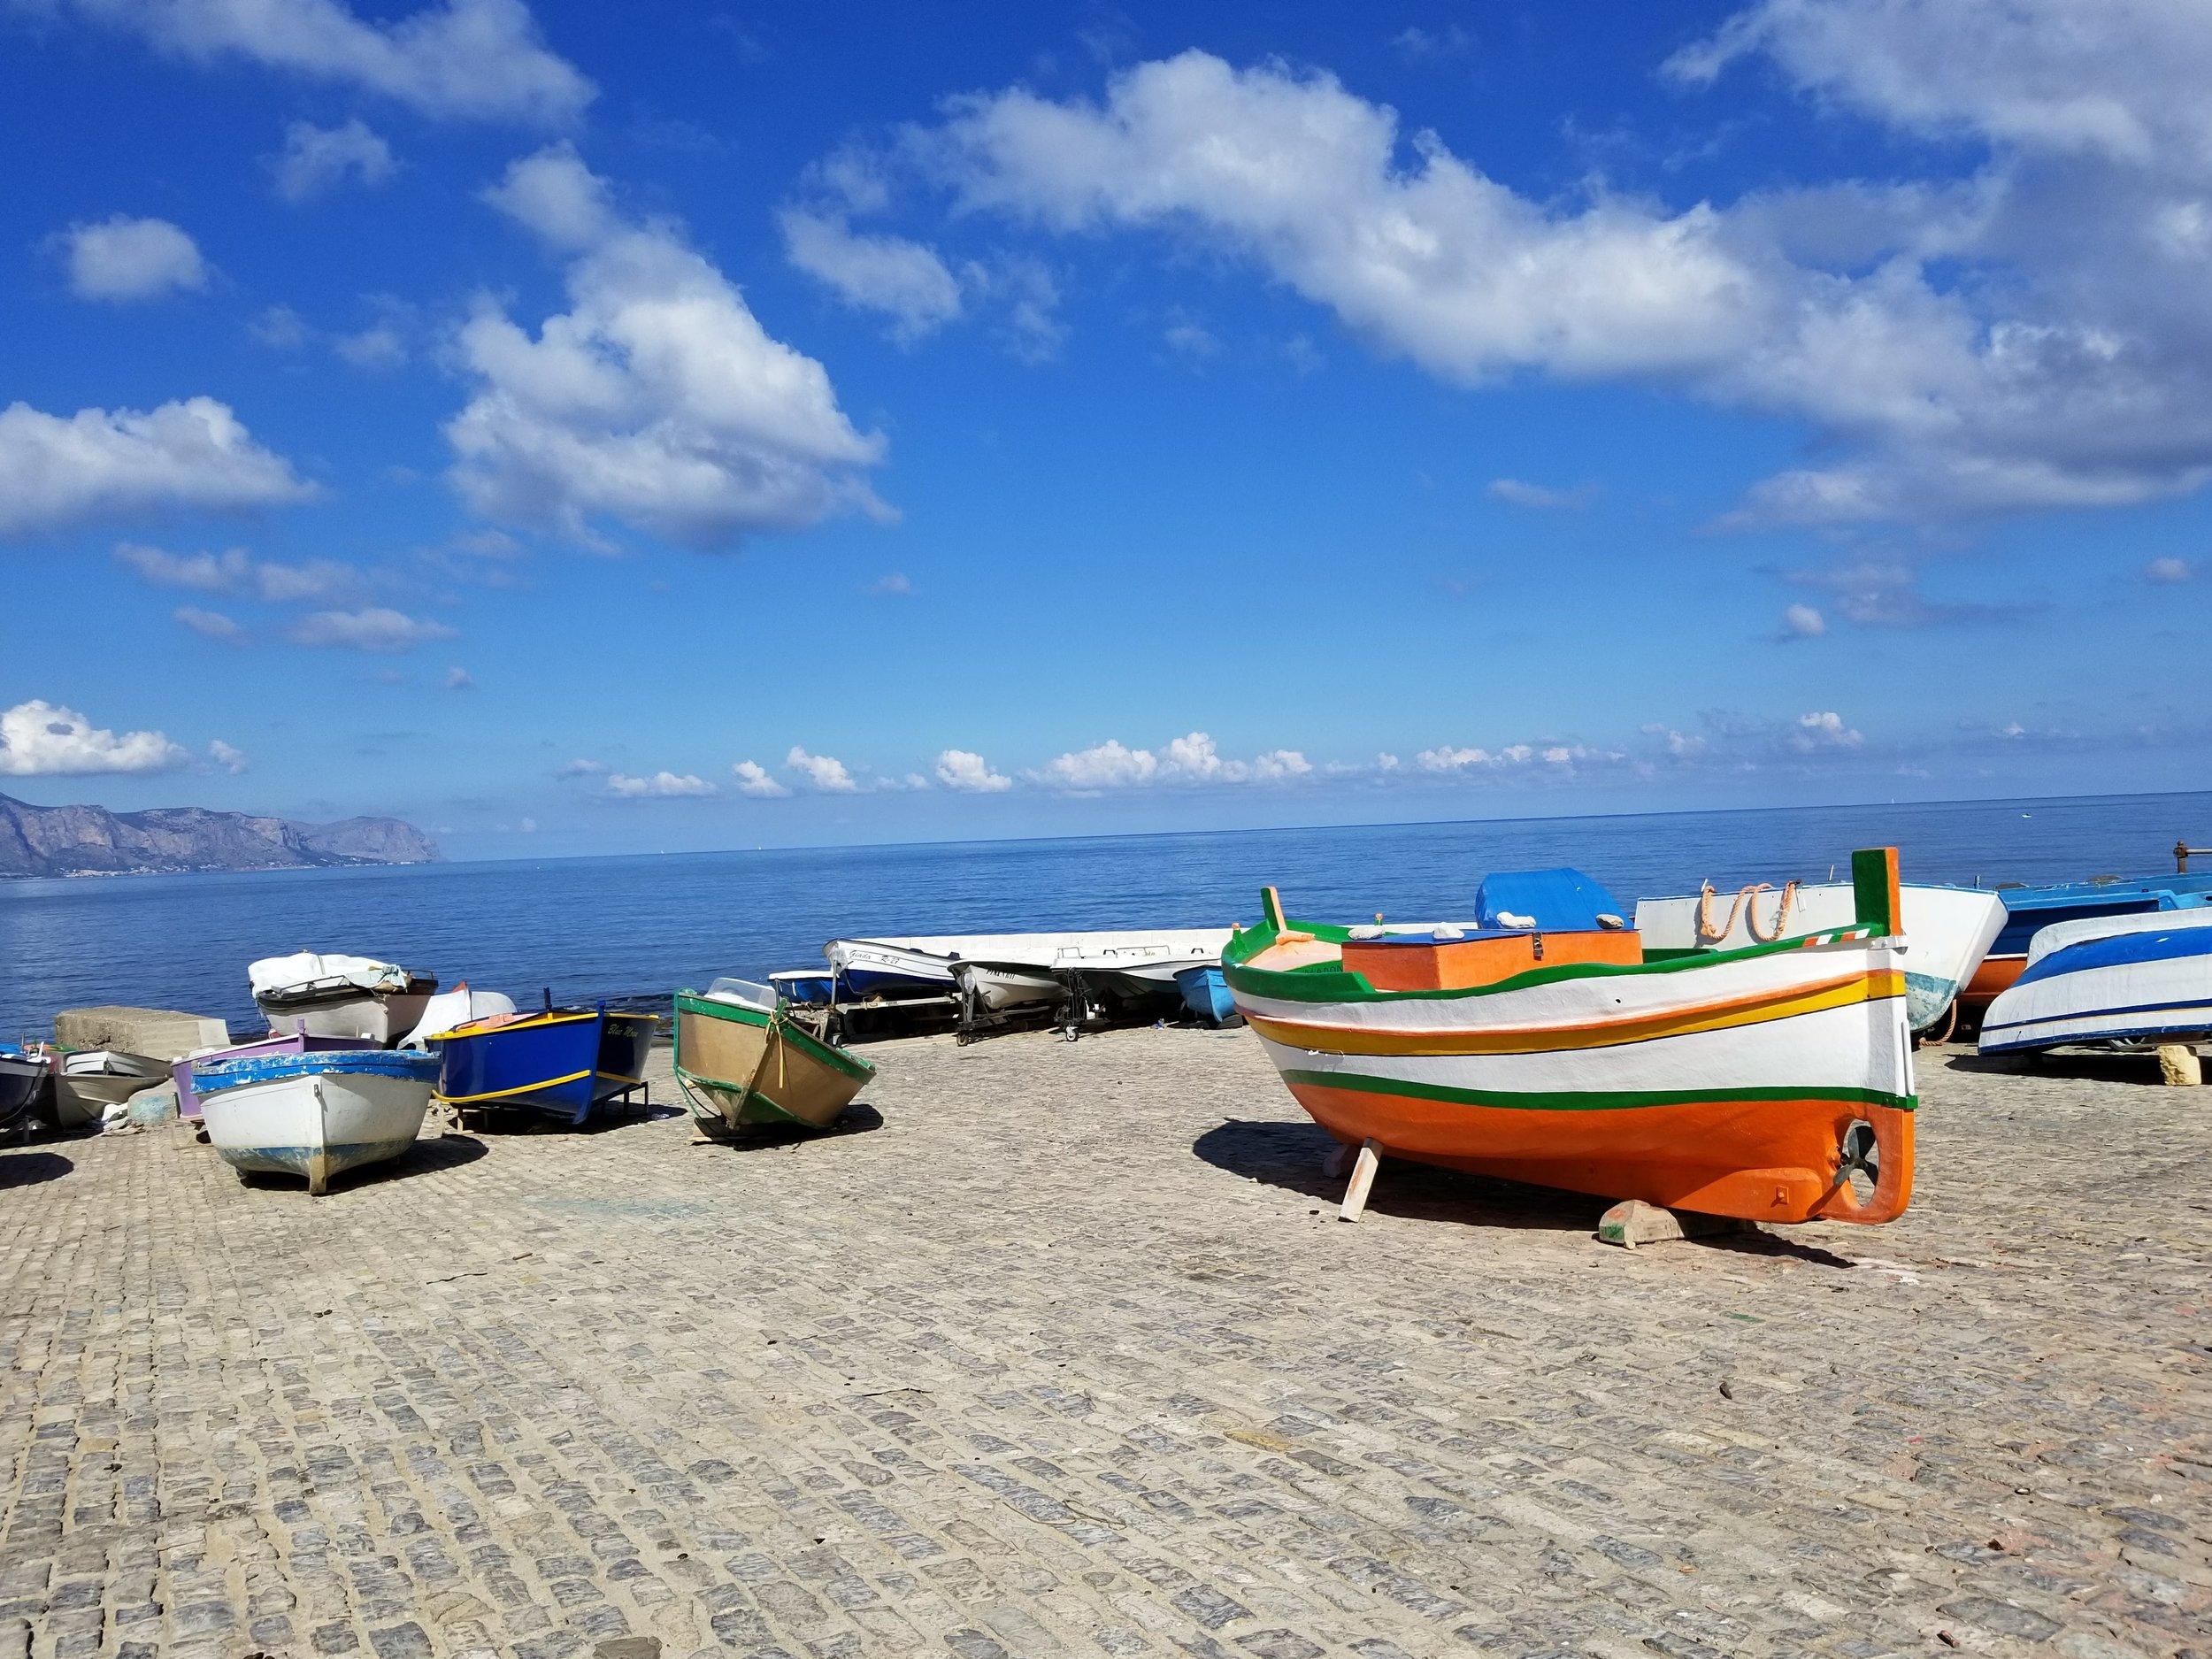 Aspra | Bagheria, Sicily | 38°05′N 13°30′E